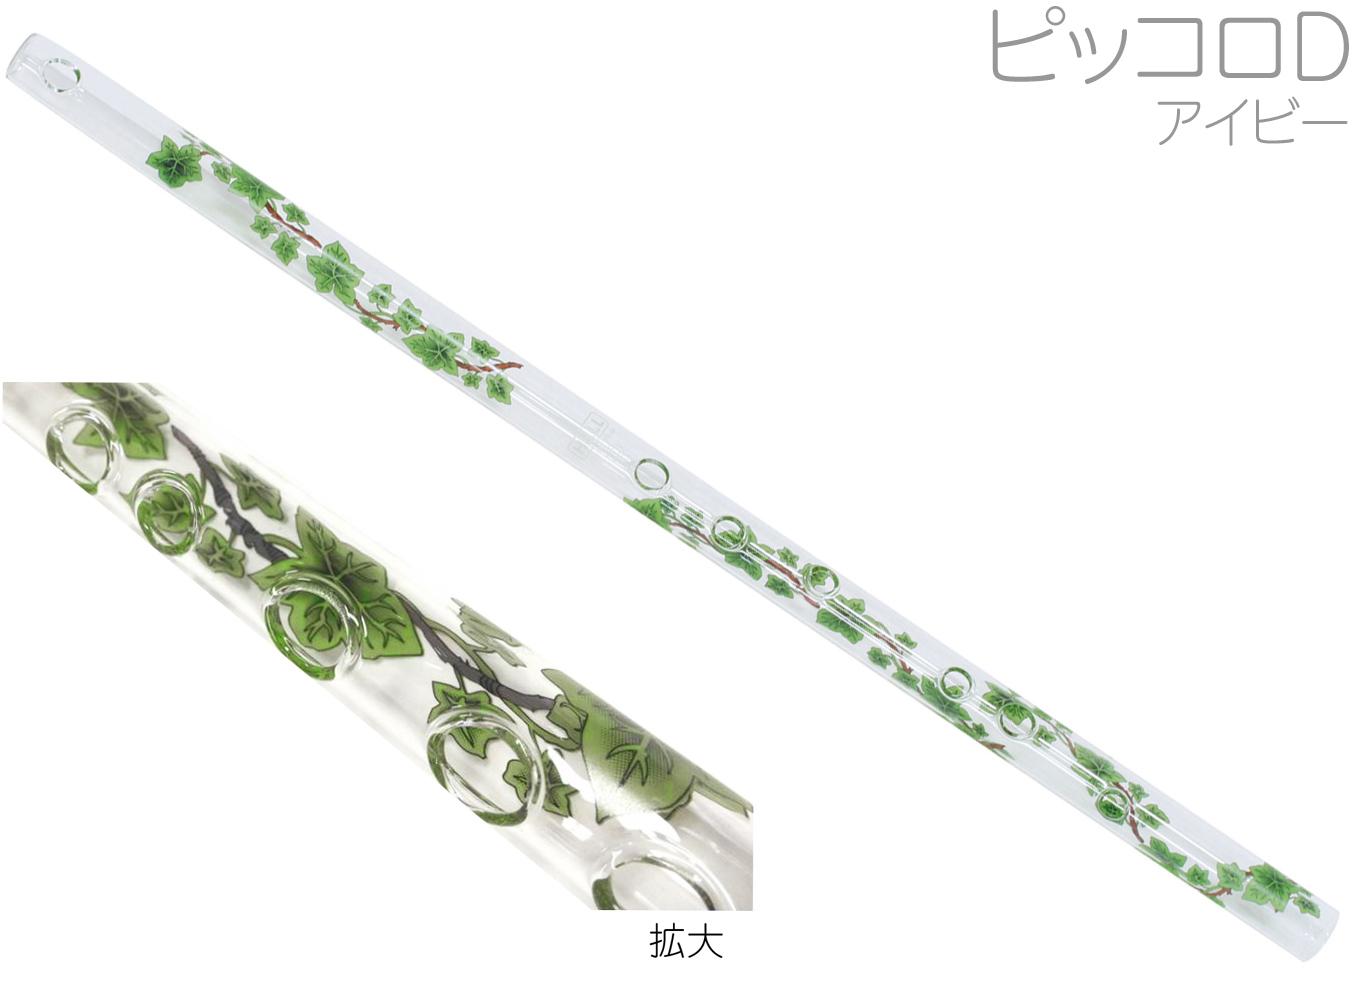 HALL ( ホール ) クリスタルピッコロ D管 アイヴィー CRYSTAL PICCOLO D Ivy アイビー 透明 ガラス製 ピッコロ flute フルート 横笛 D調 笛 管楽器